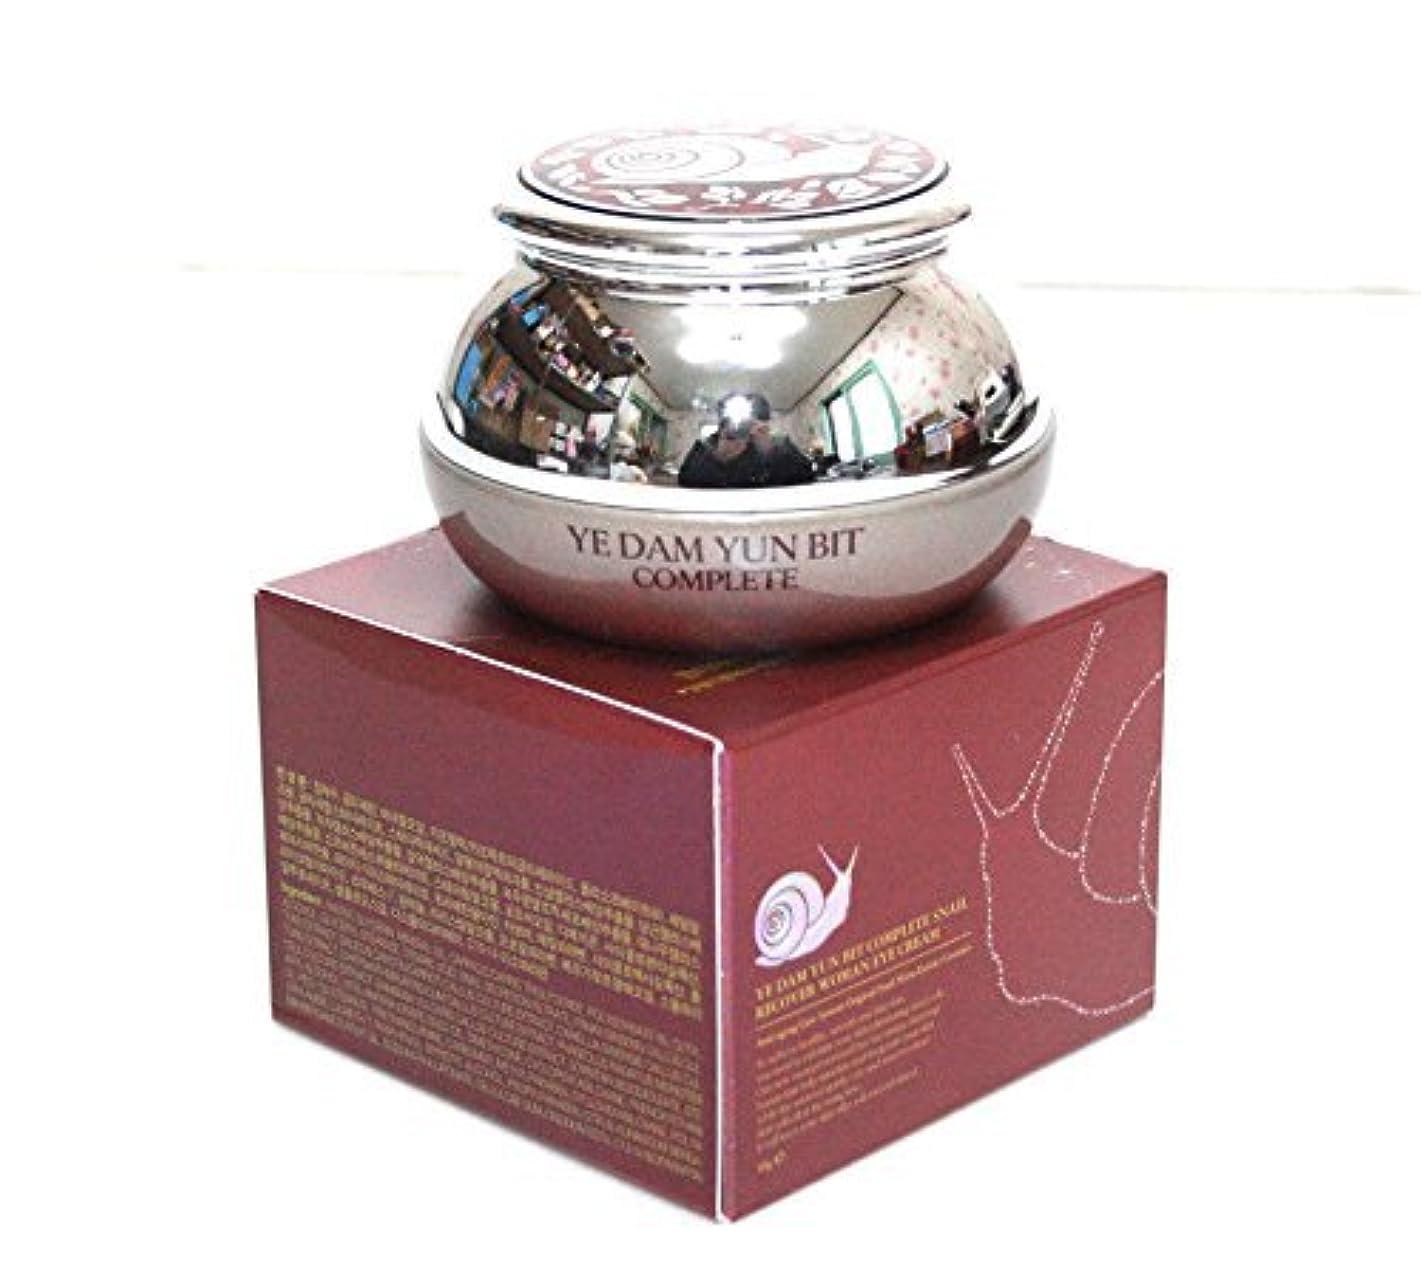 立証する思い出マーカー[YEDAM YUN BIT] スキンが完成カタツムリ回復女性のアイクリーム50ml/韓国の化粧品/COMPLETE Skin Snail Recover Woman Eye Cream 50ml/Korean cosmetics...